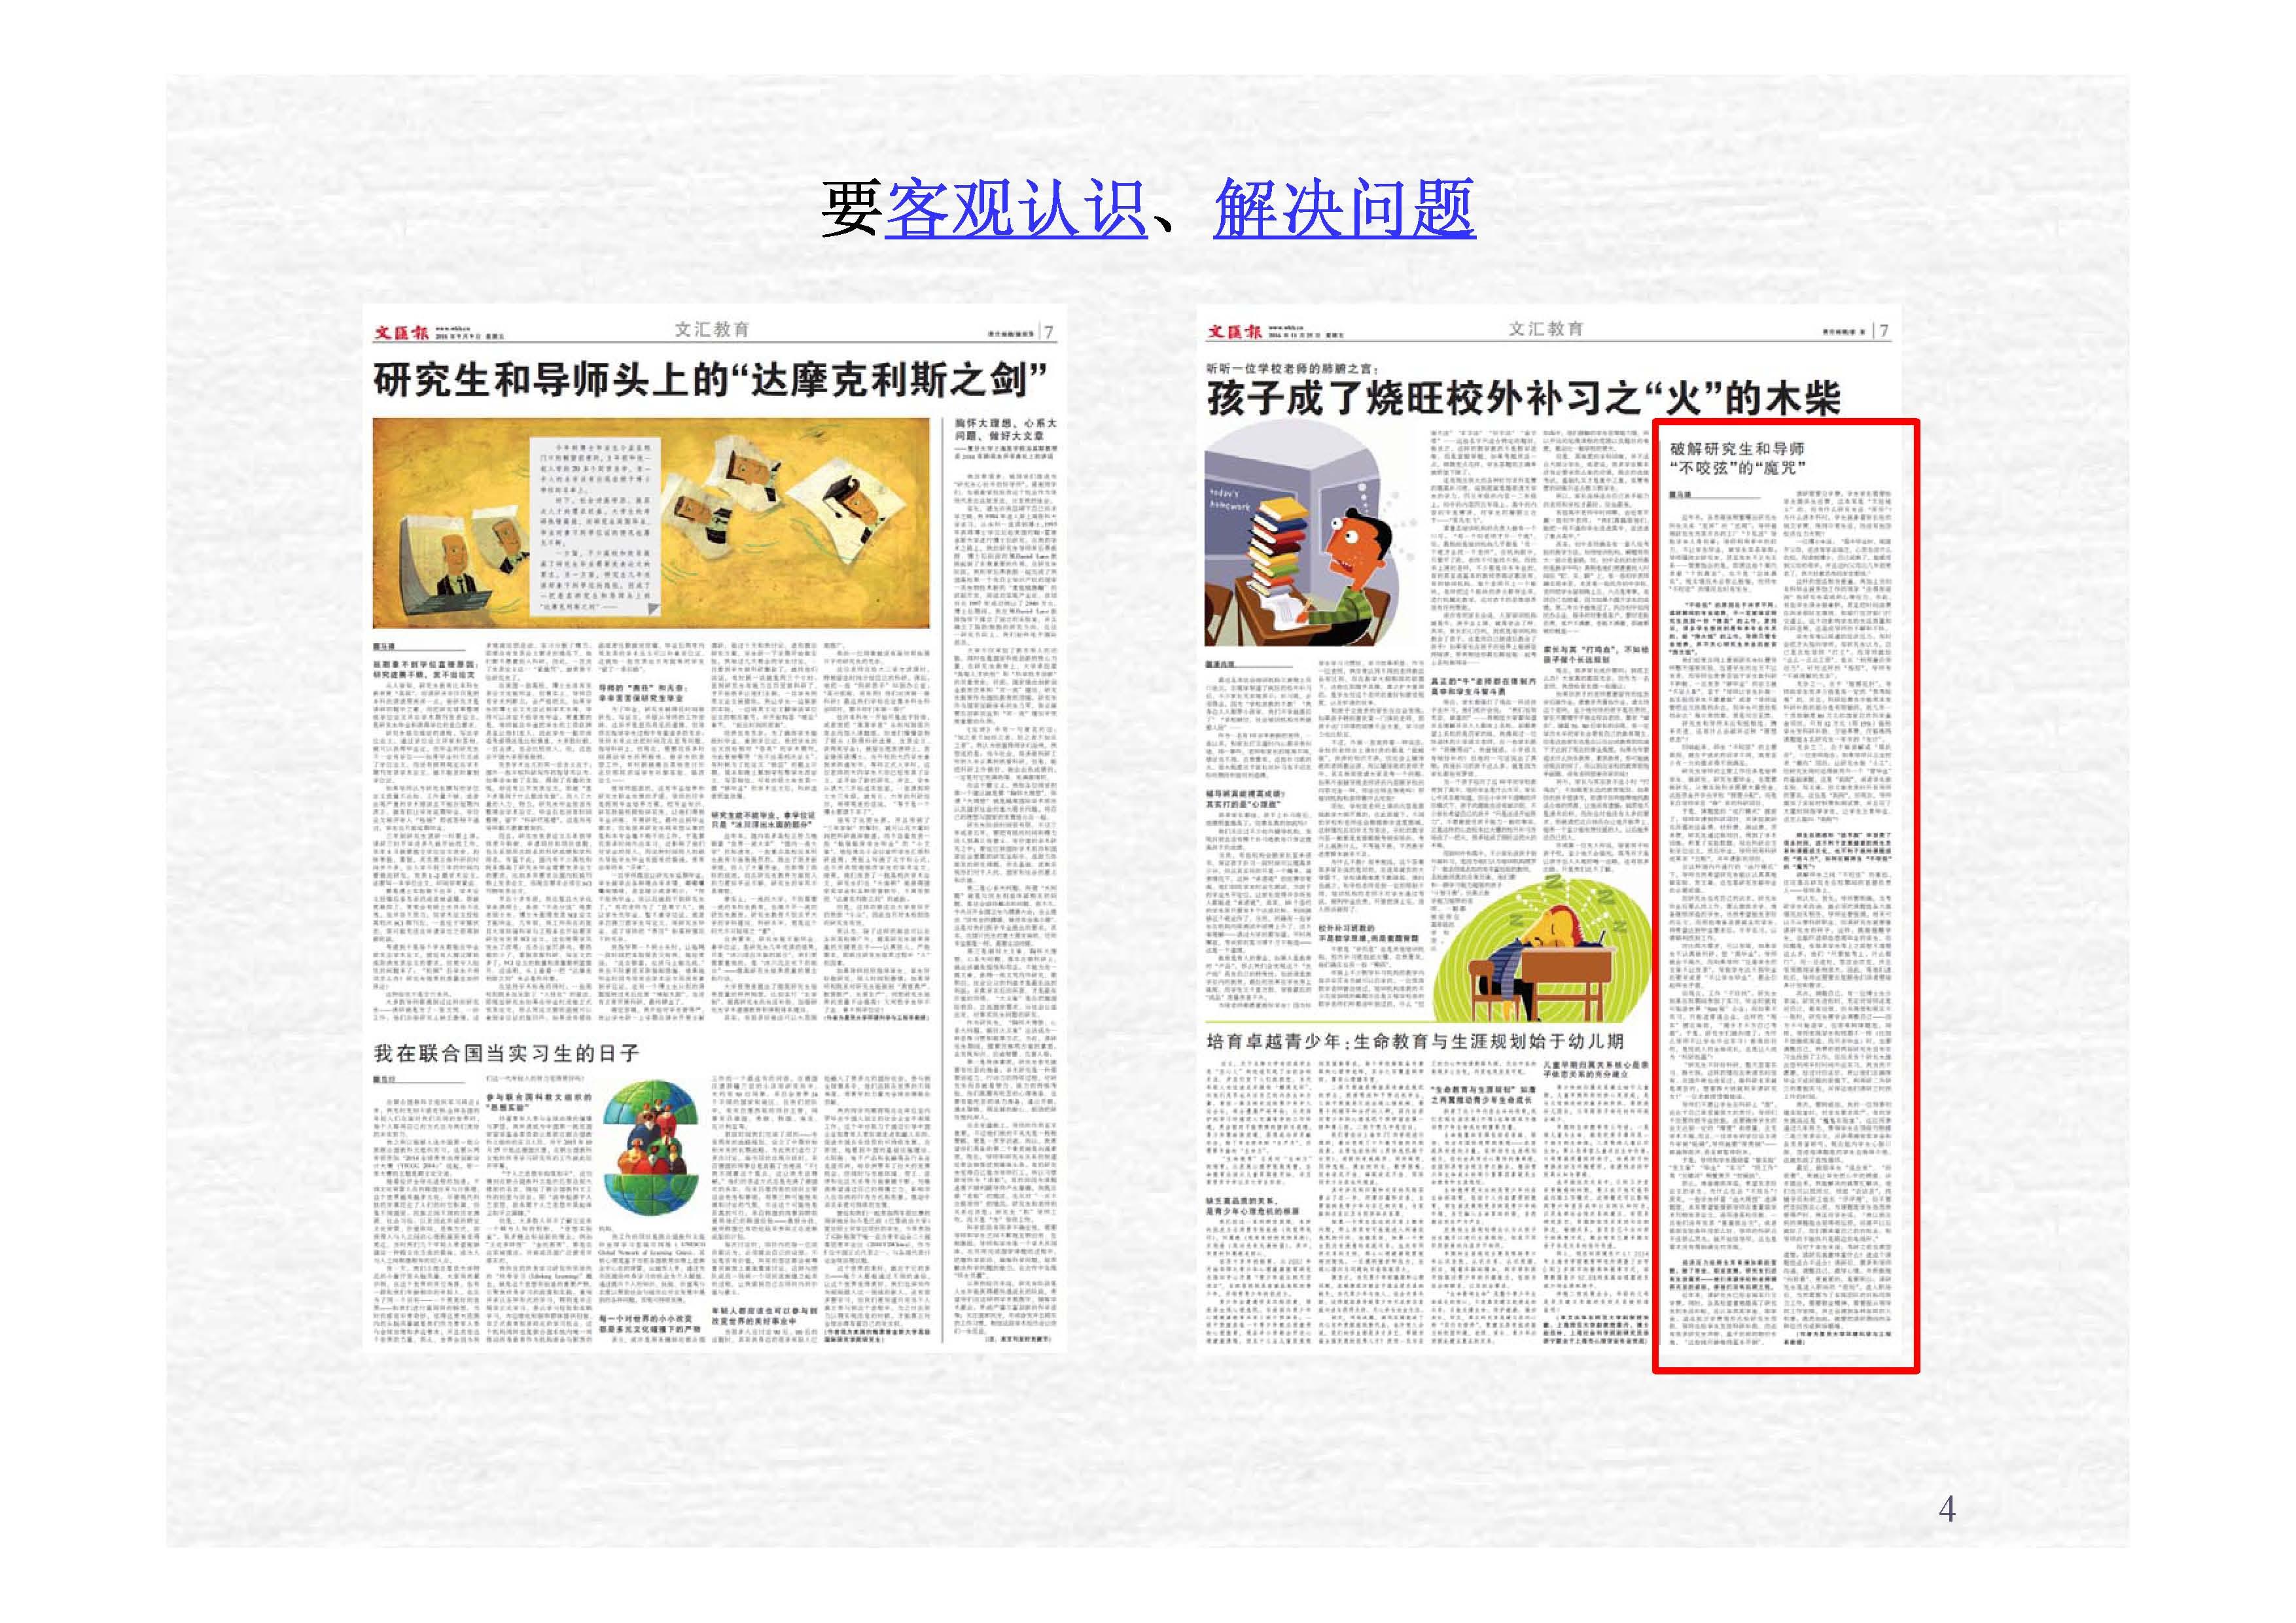 研究生师生矛盾及其化解对策-修订版-10_页面_04.jpg